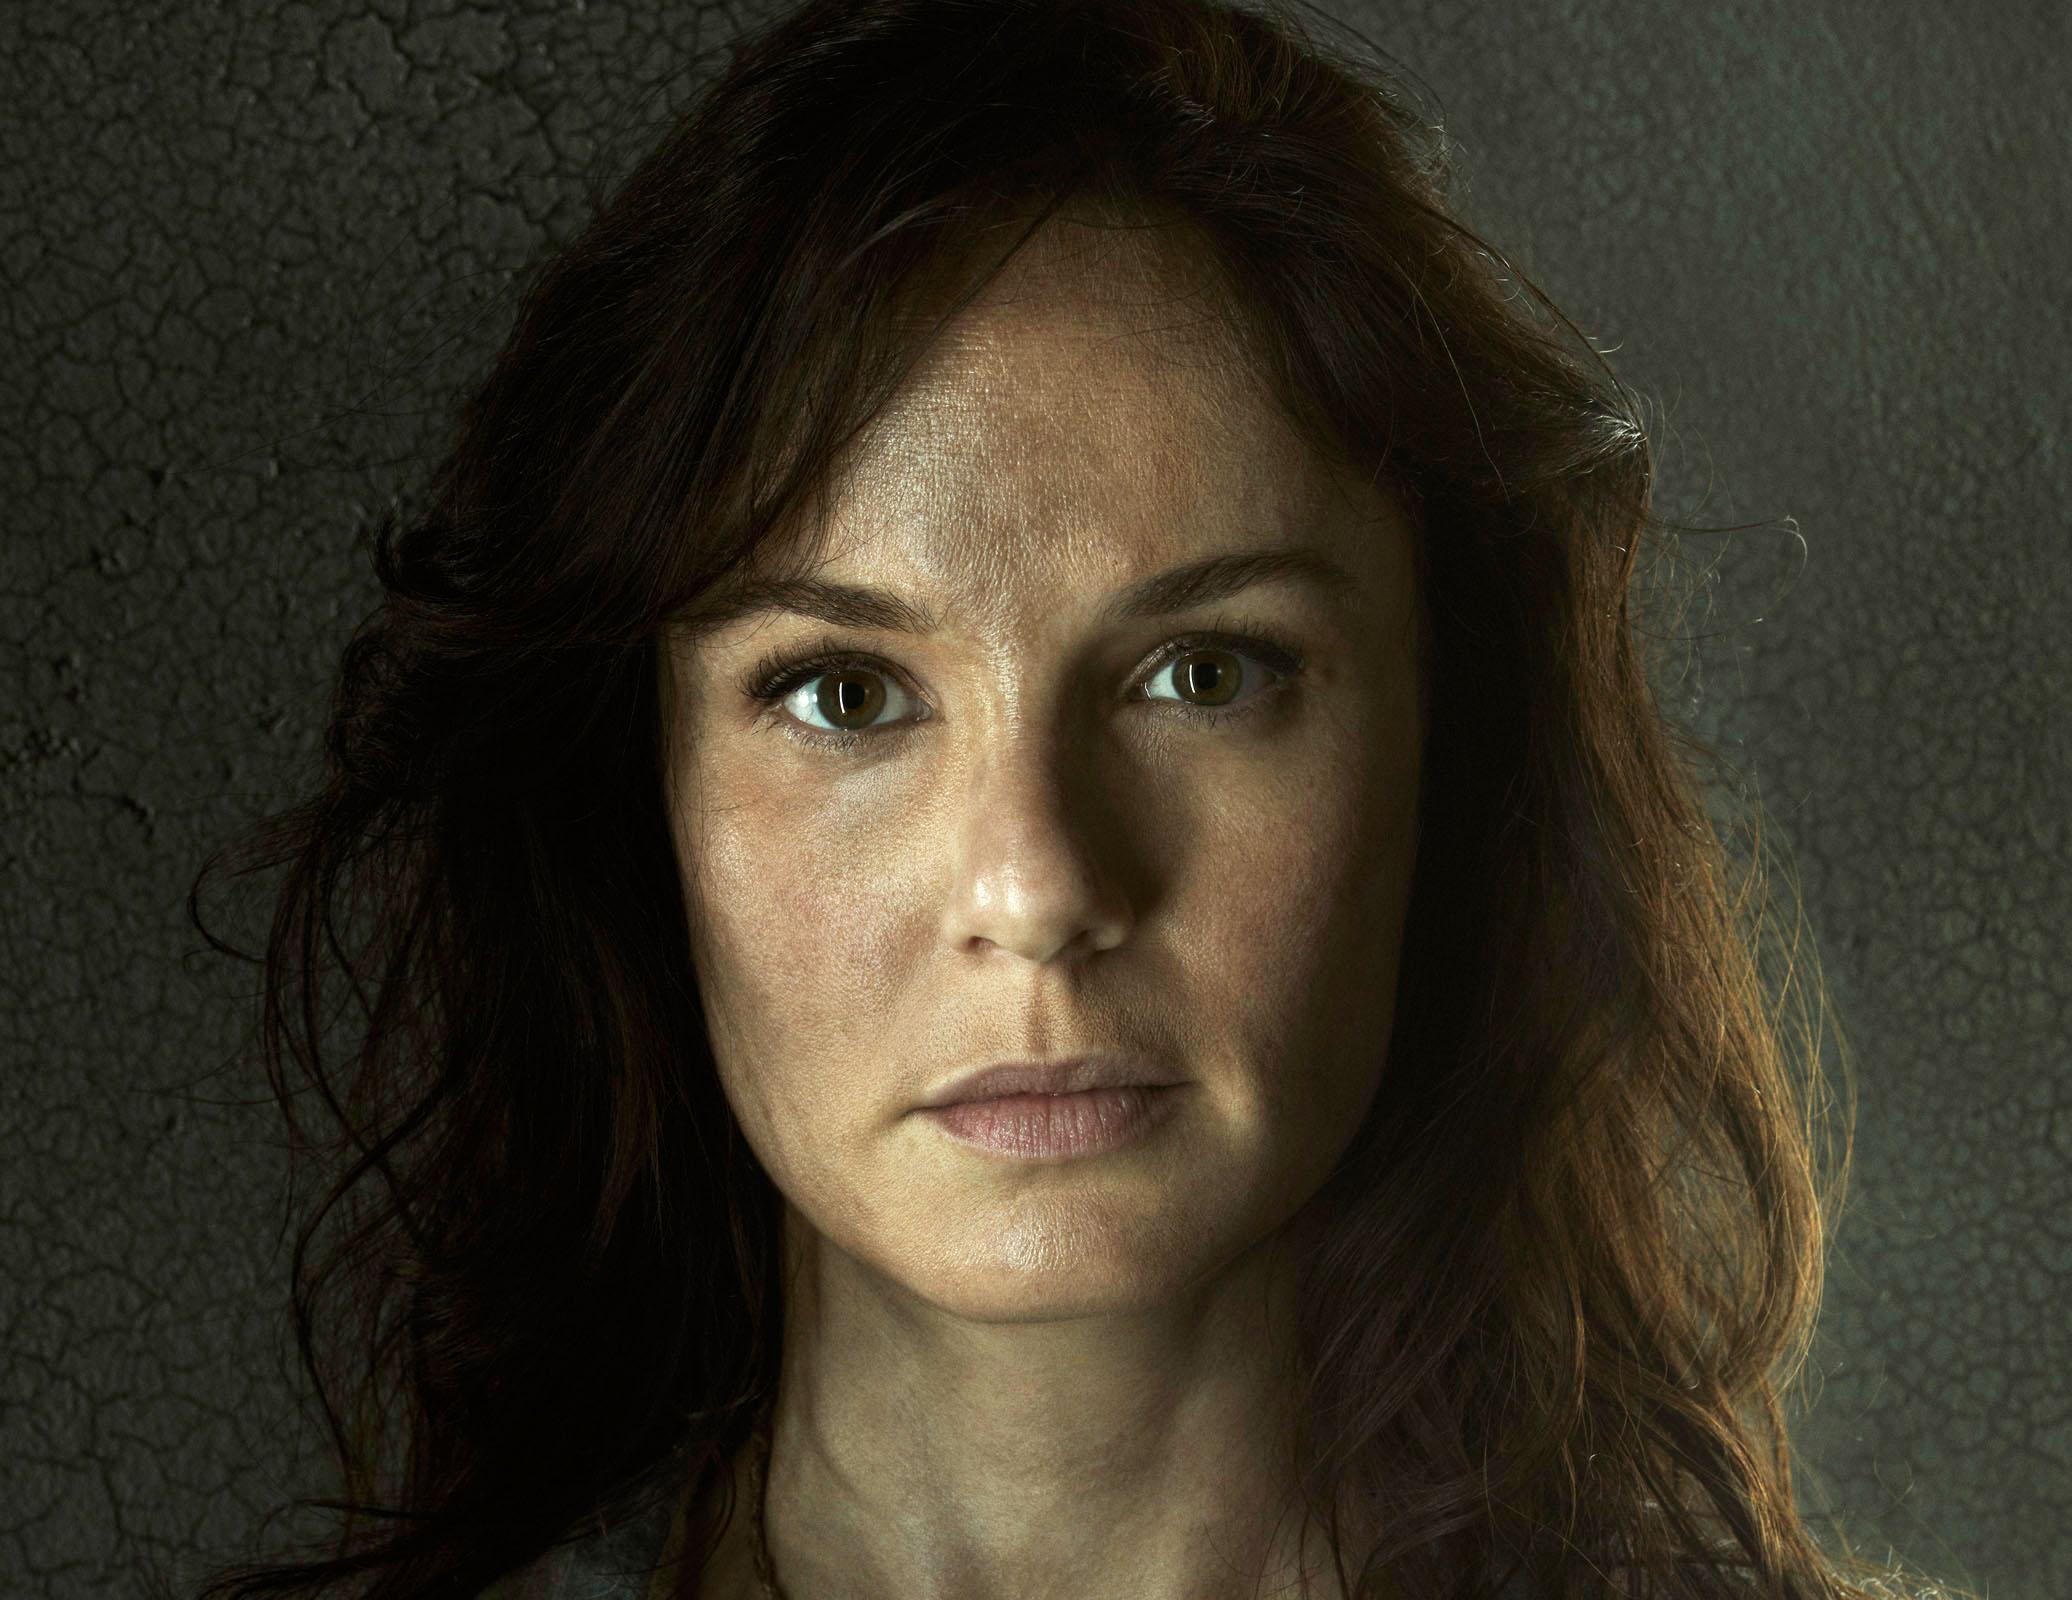 Sarah Wayne Callies fala sobre o episódio mais recente de The Walking Dead em entrevista recheada de spoilers